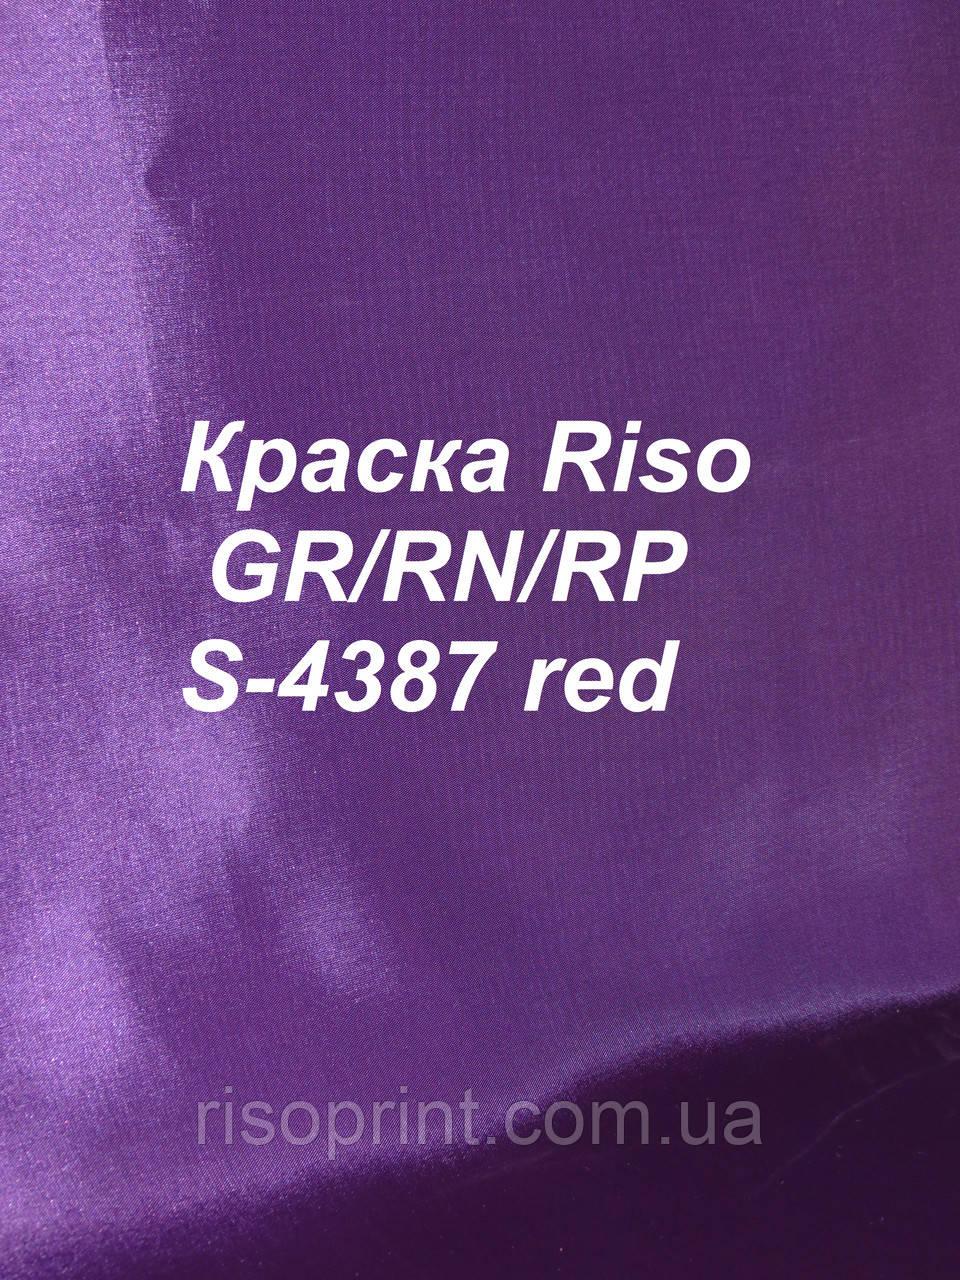 Краска оригинальная Riso GR/RN/RP S-4387 red